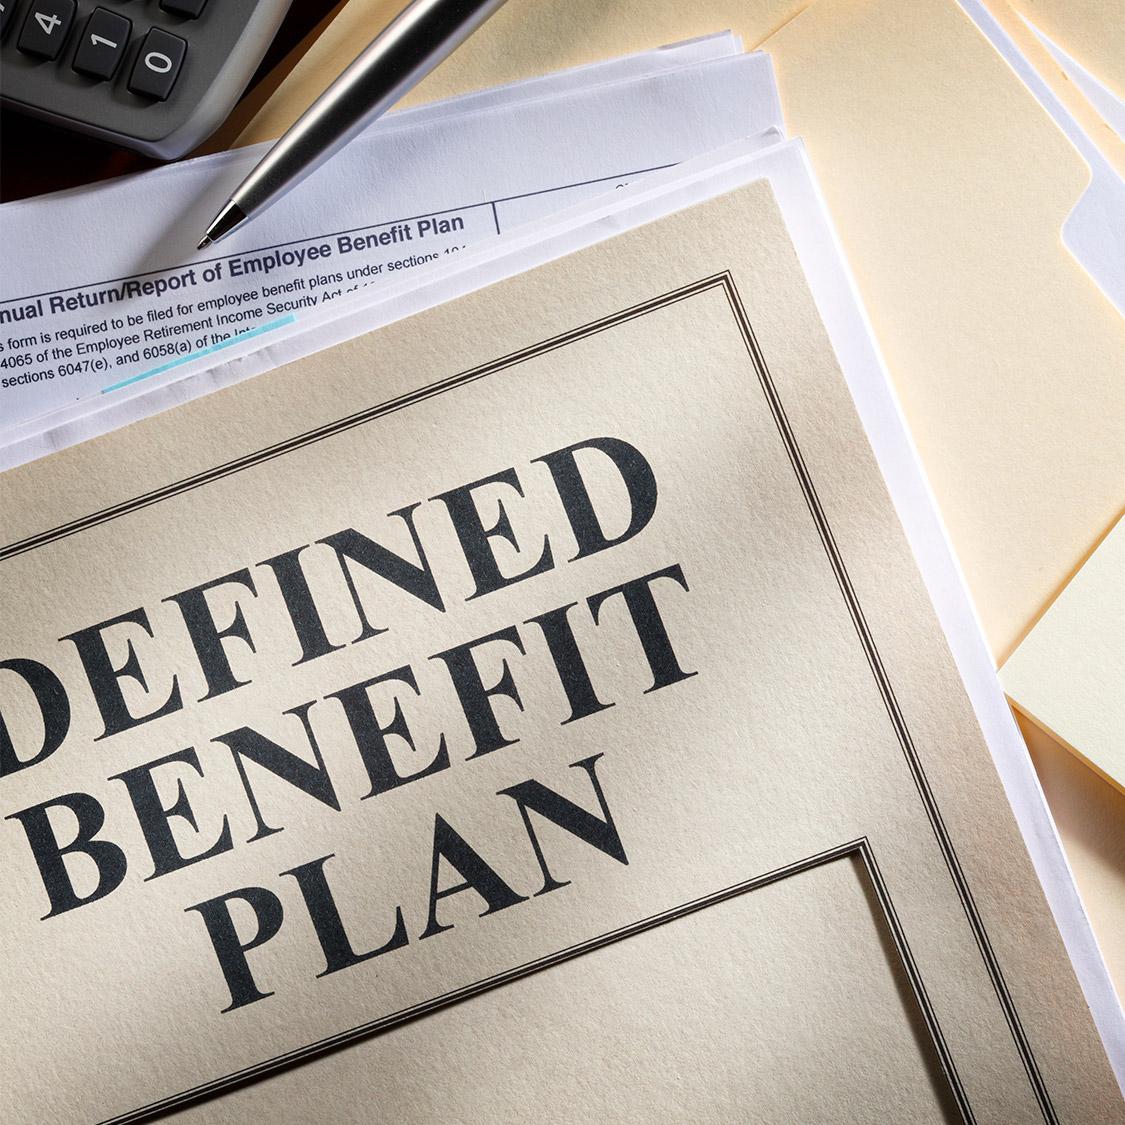 Benefit Plan